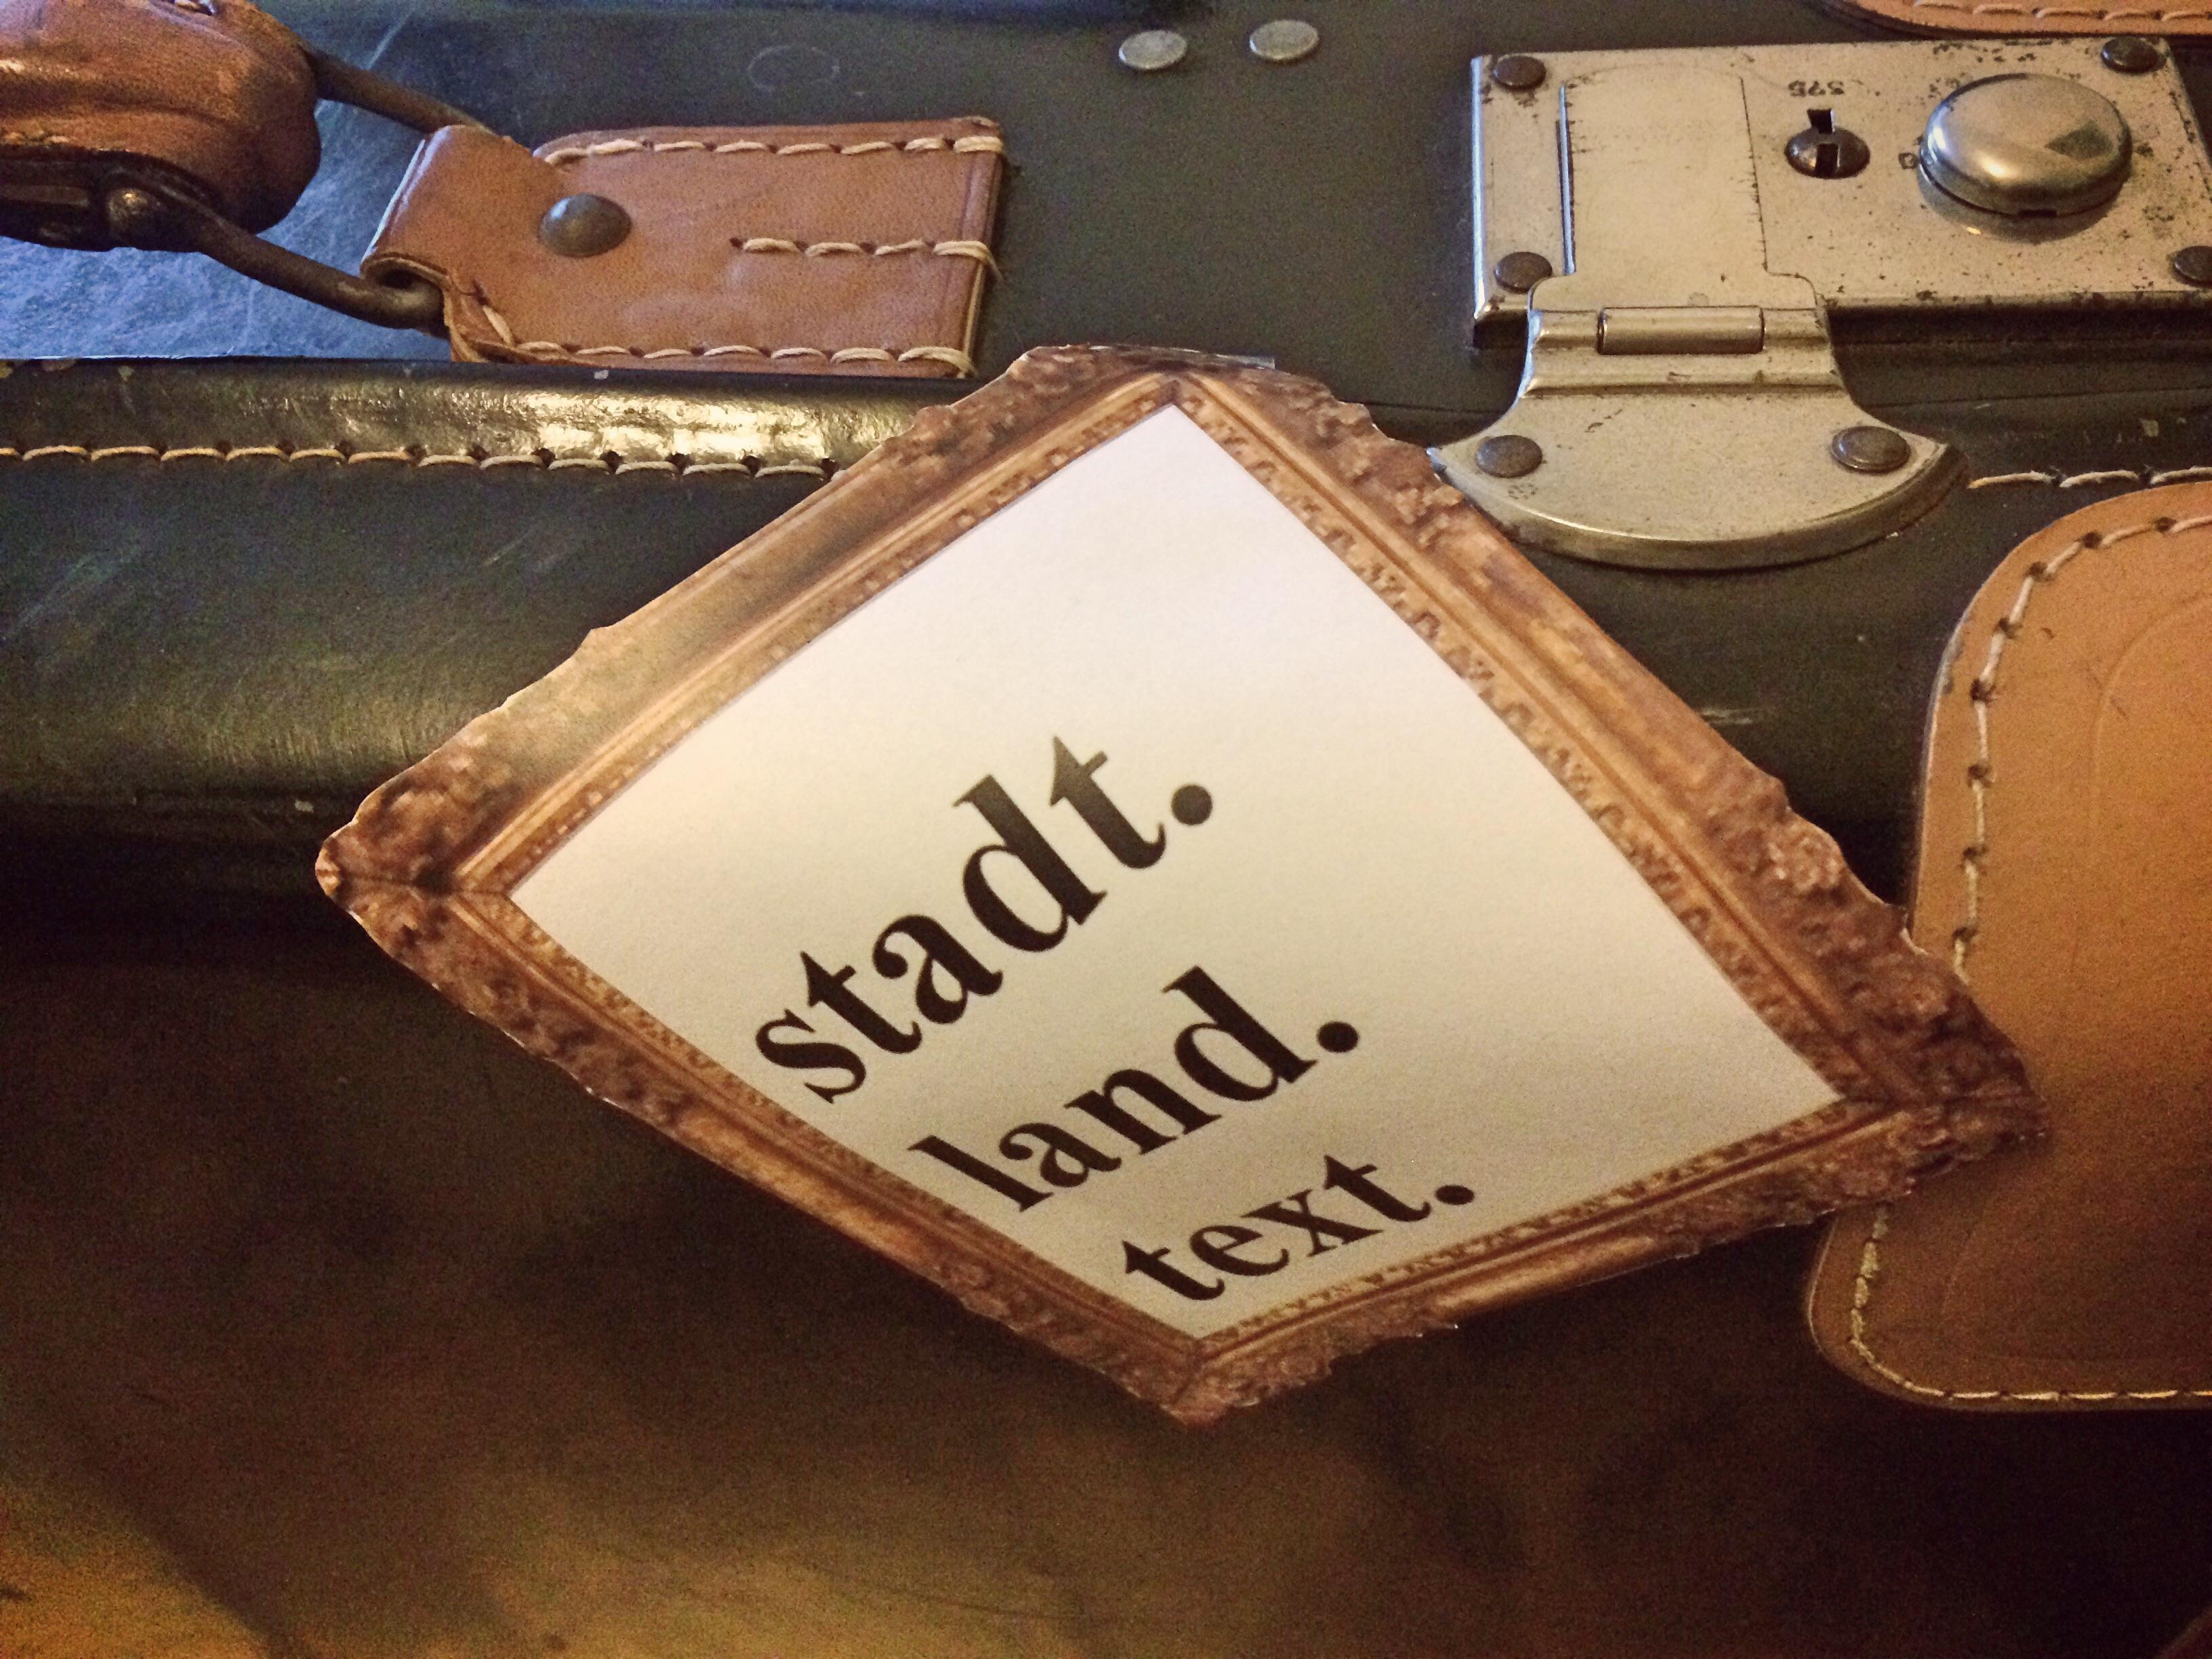 Das Foto zeigt eine Nahaufnahme eines Koffers